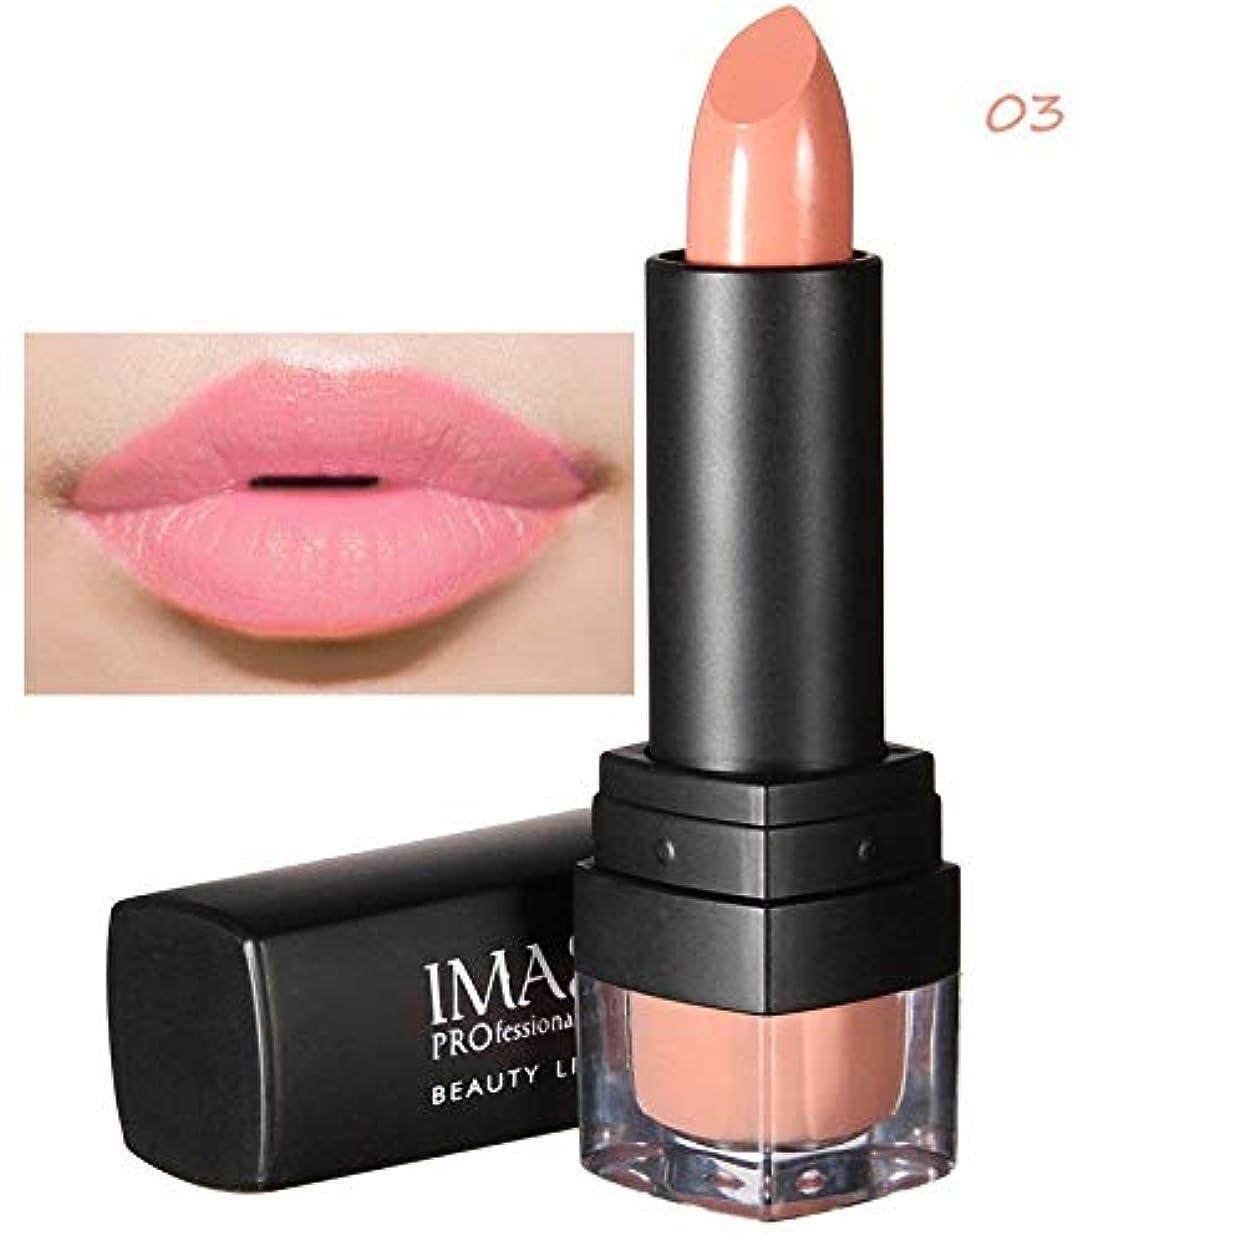 ウェーハ着る加速するメモImagic 12色口紅魅力的な防水染色しないでくださいカップマキアジェム長続きするマット自然メイクアップ美容唇化粧品ツール